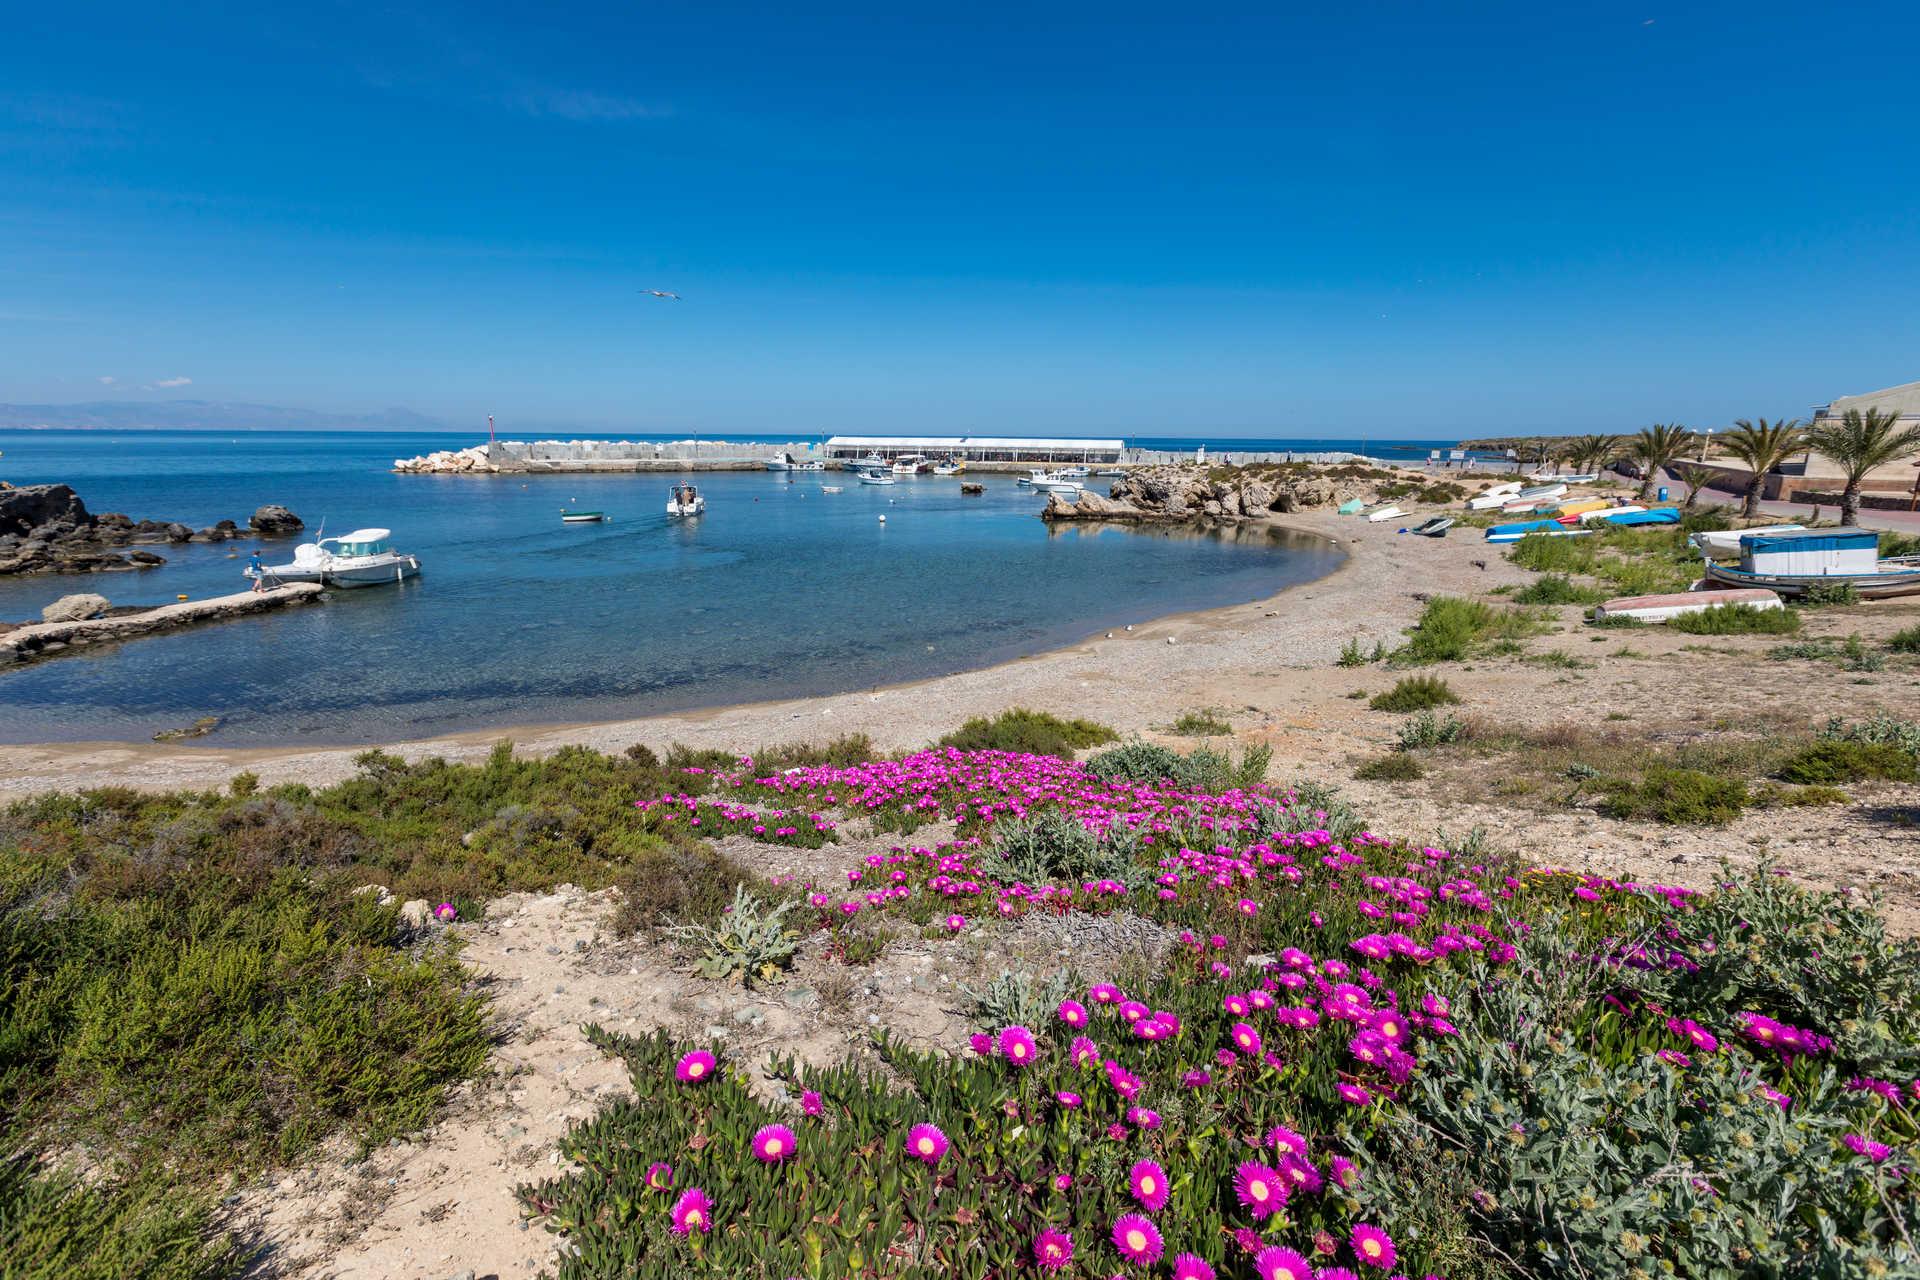 Meeresschutzgebiet Insel Tabarca